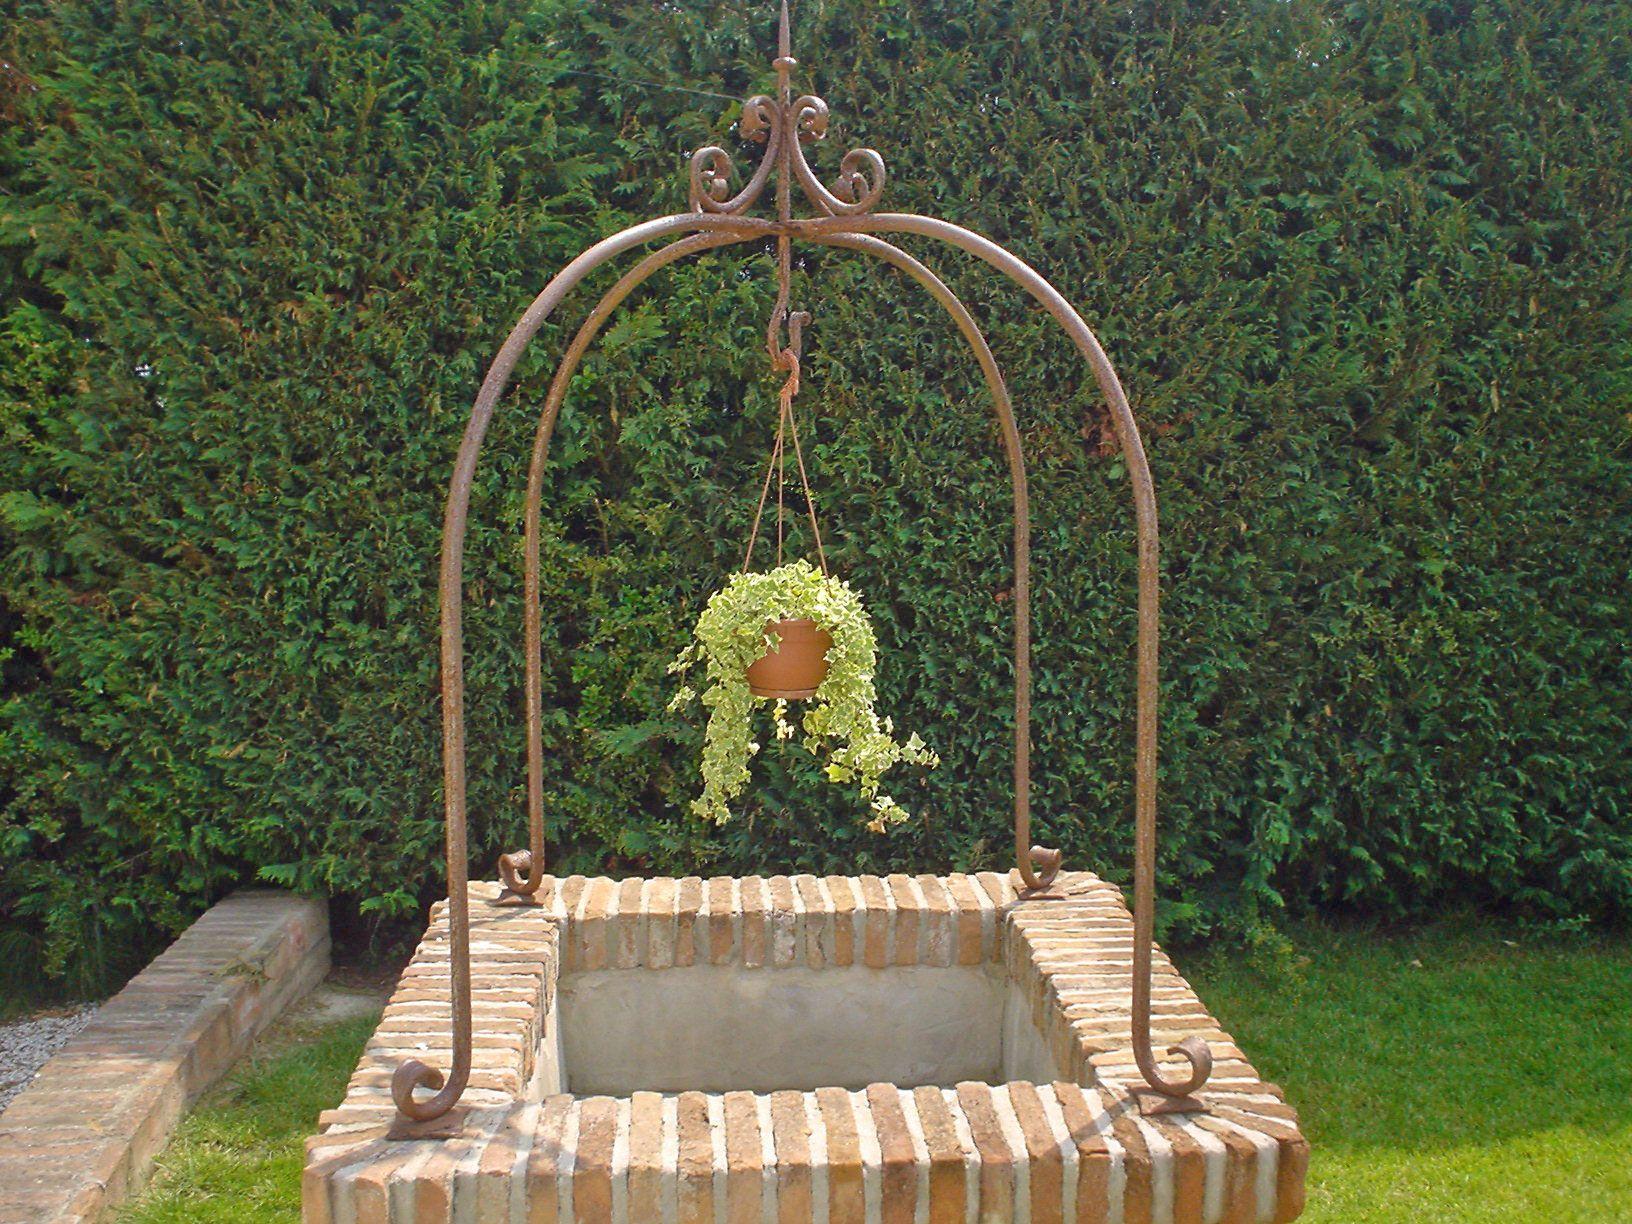 Pozzi Decorativi Da Giardino : I pozzi nella progettazione di un giardino elementi